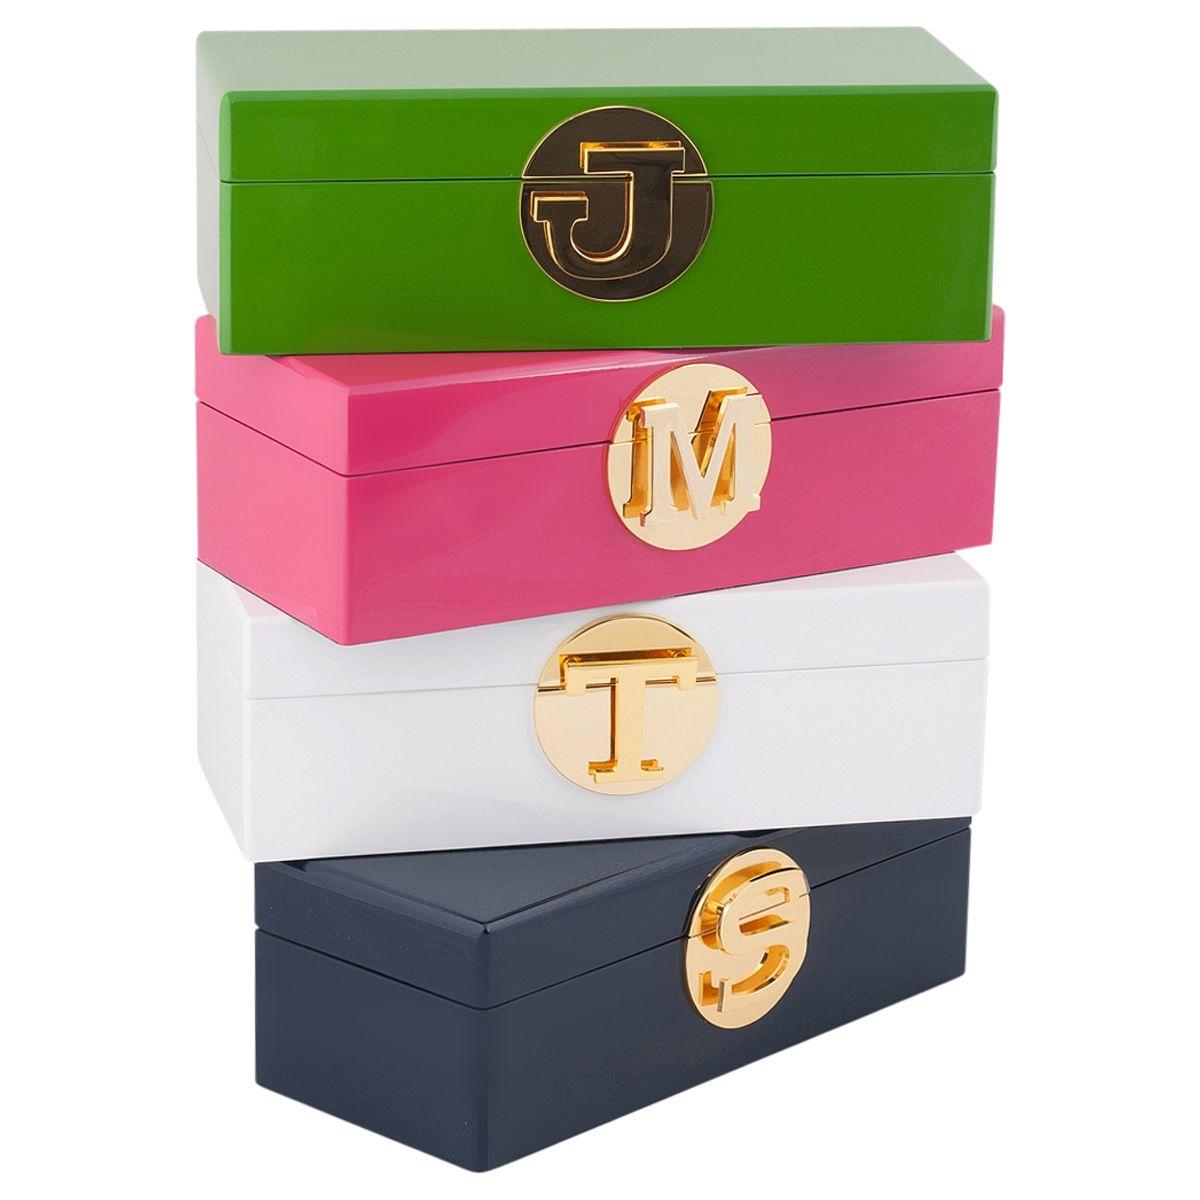 Initial Jewellery Box Leather Trunk Initial Jewelry Jewelry Box